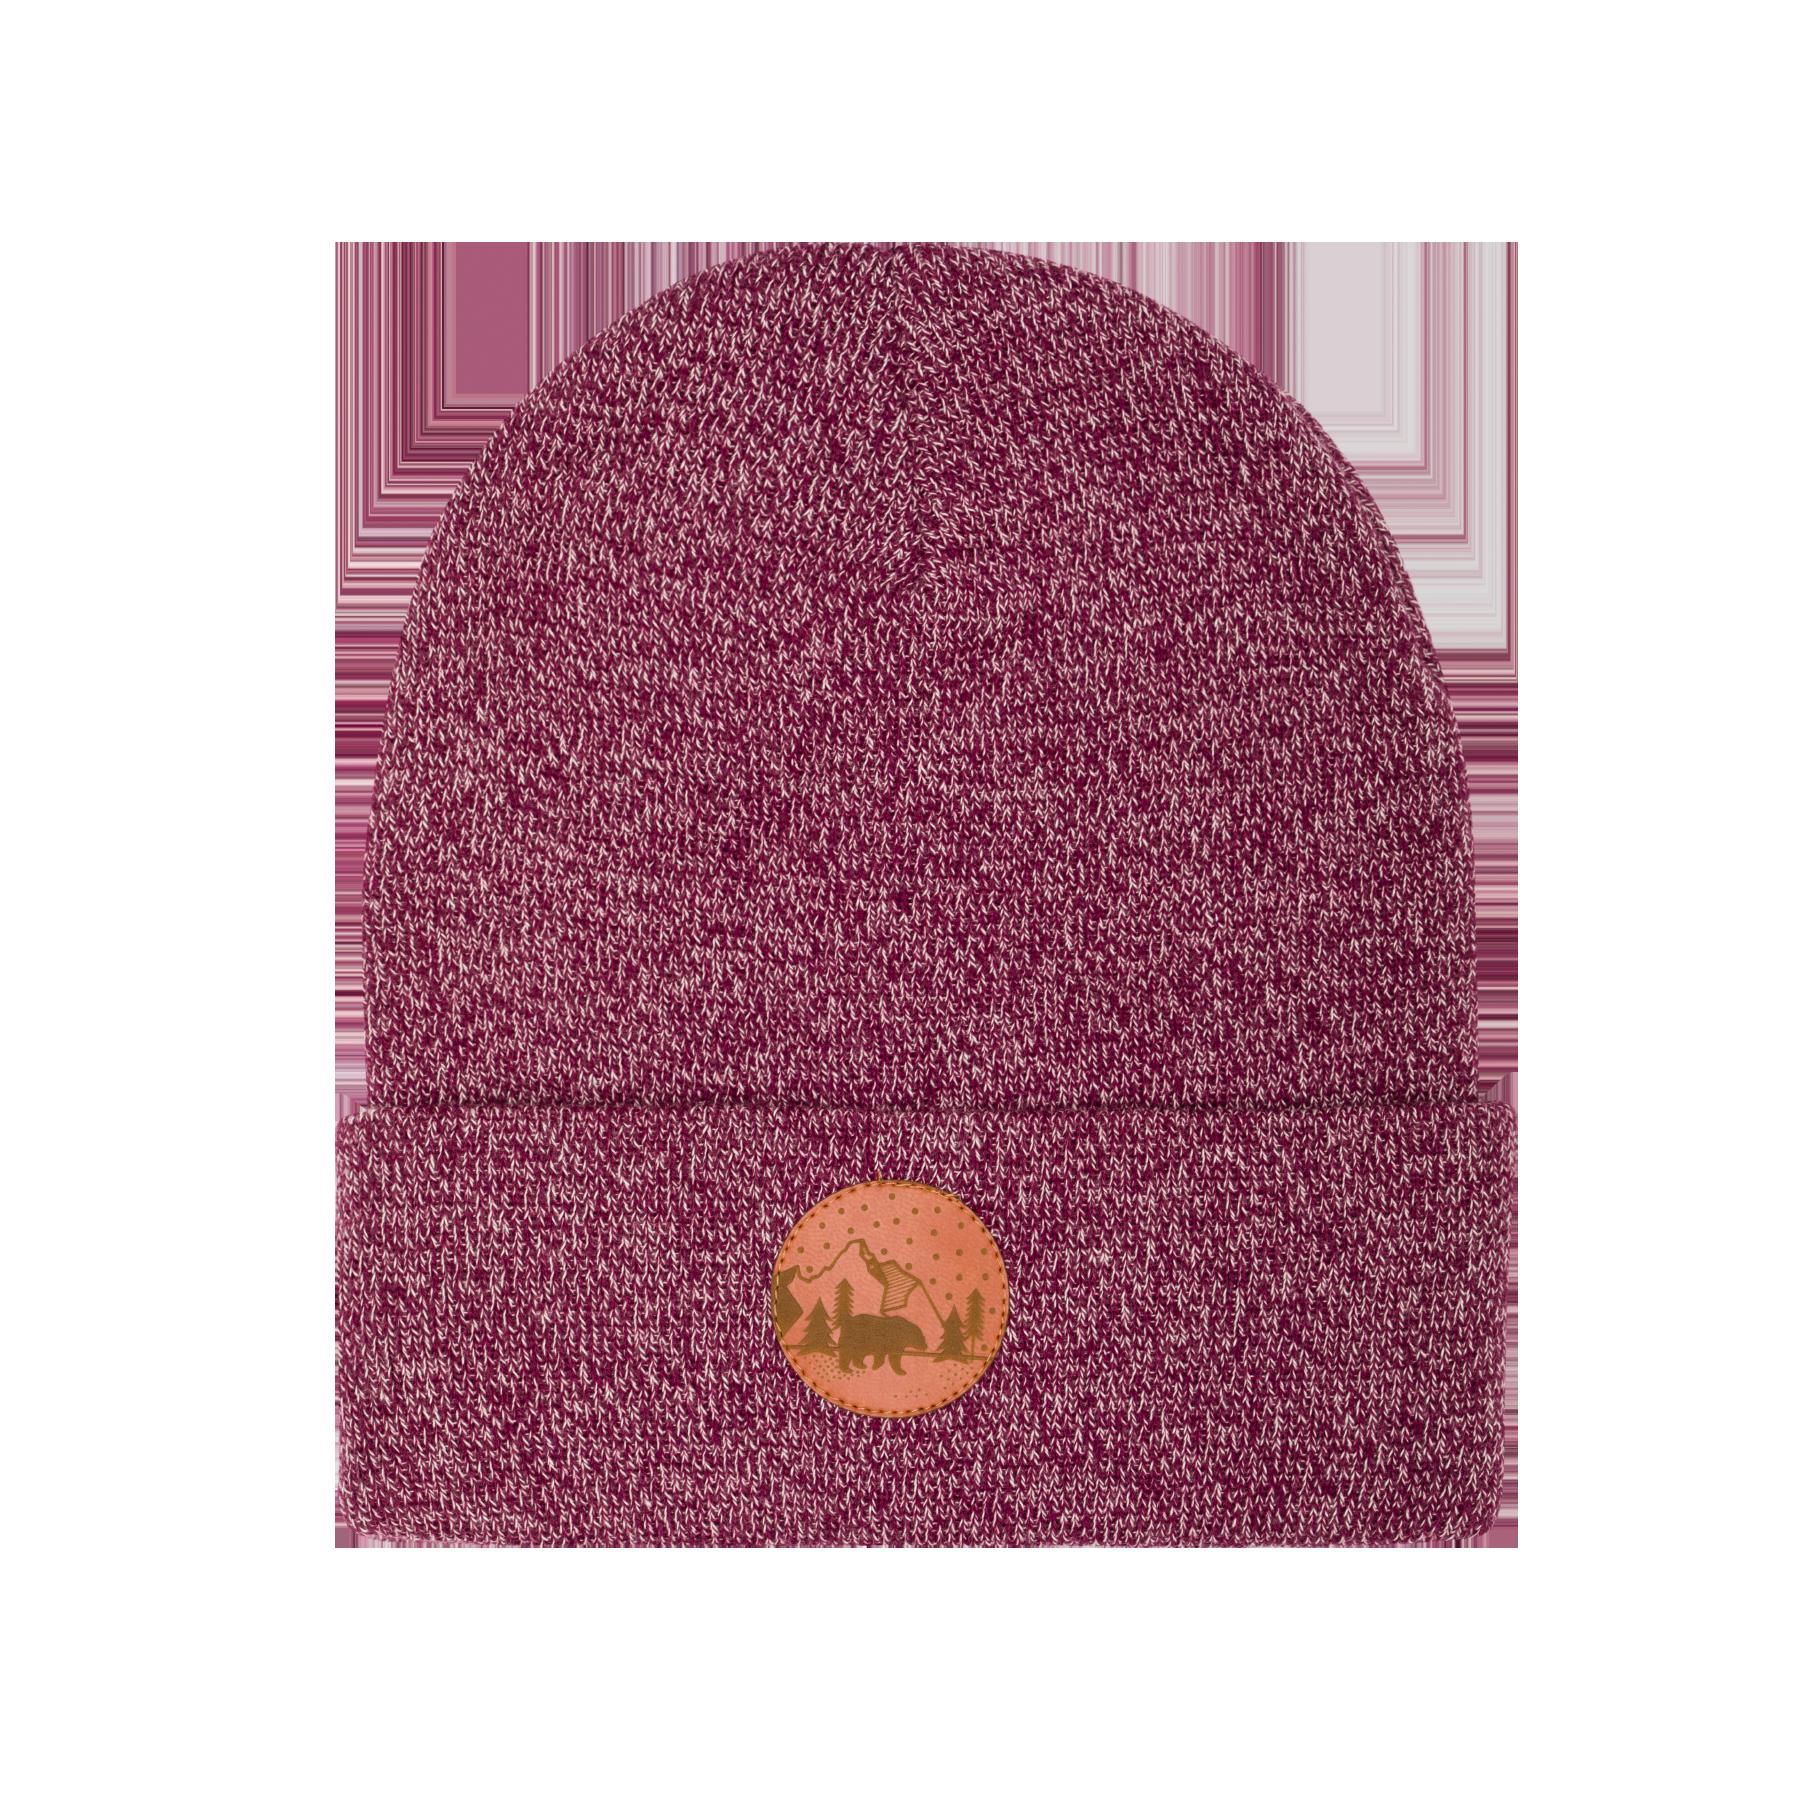 hat_beanie_cotton_melange_burgundy_pink_5906742647525